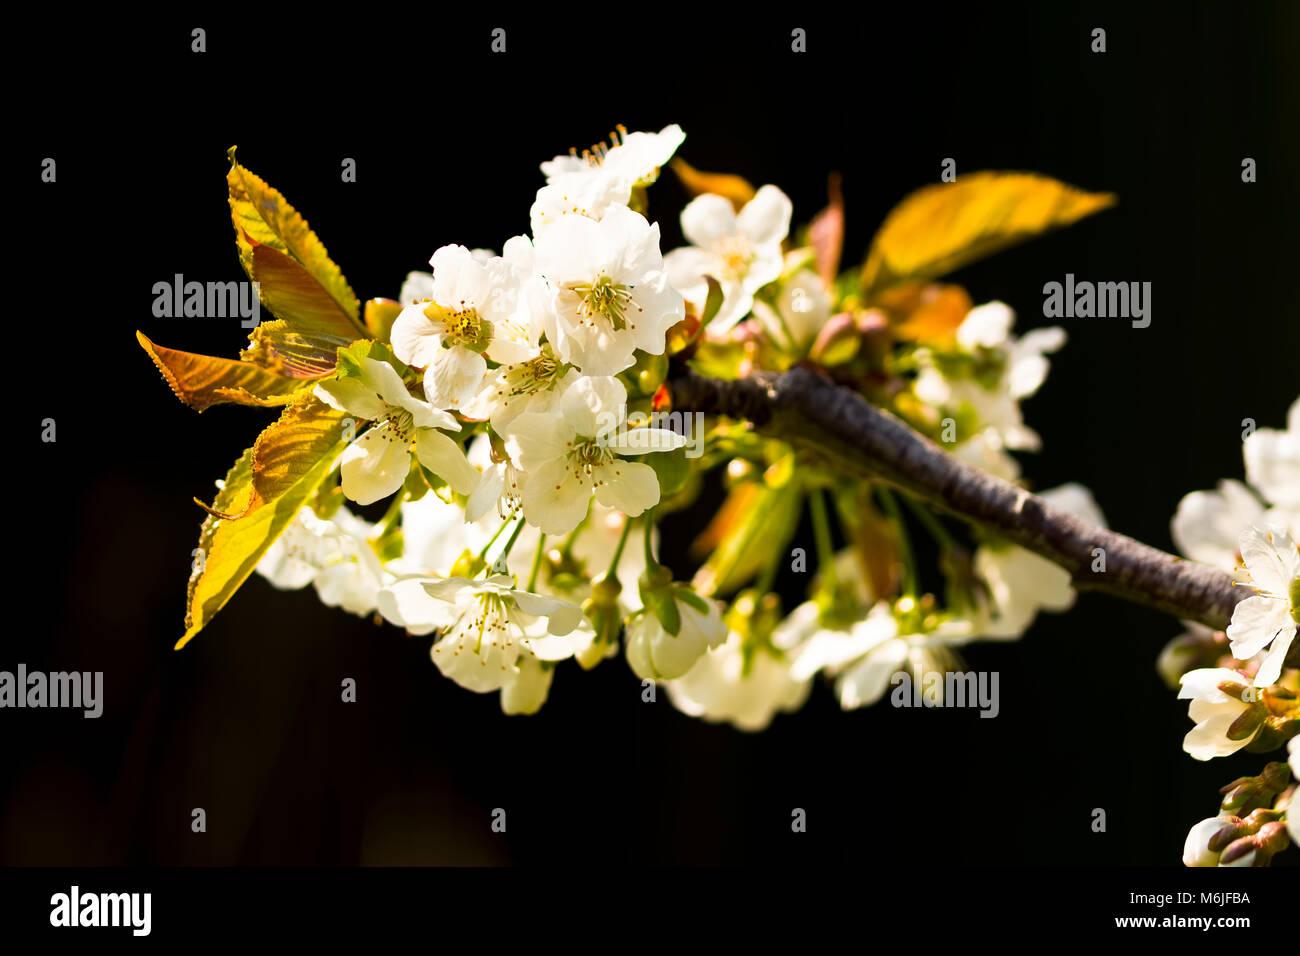 Un Clustern De Fleur De Cerisier Blanc Sur Un Fond Noir Une Anainst